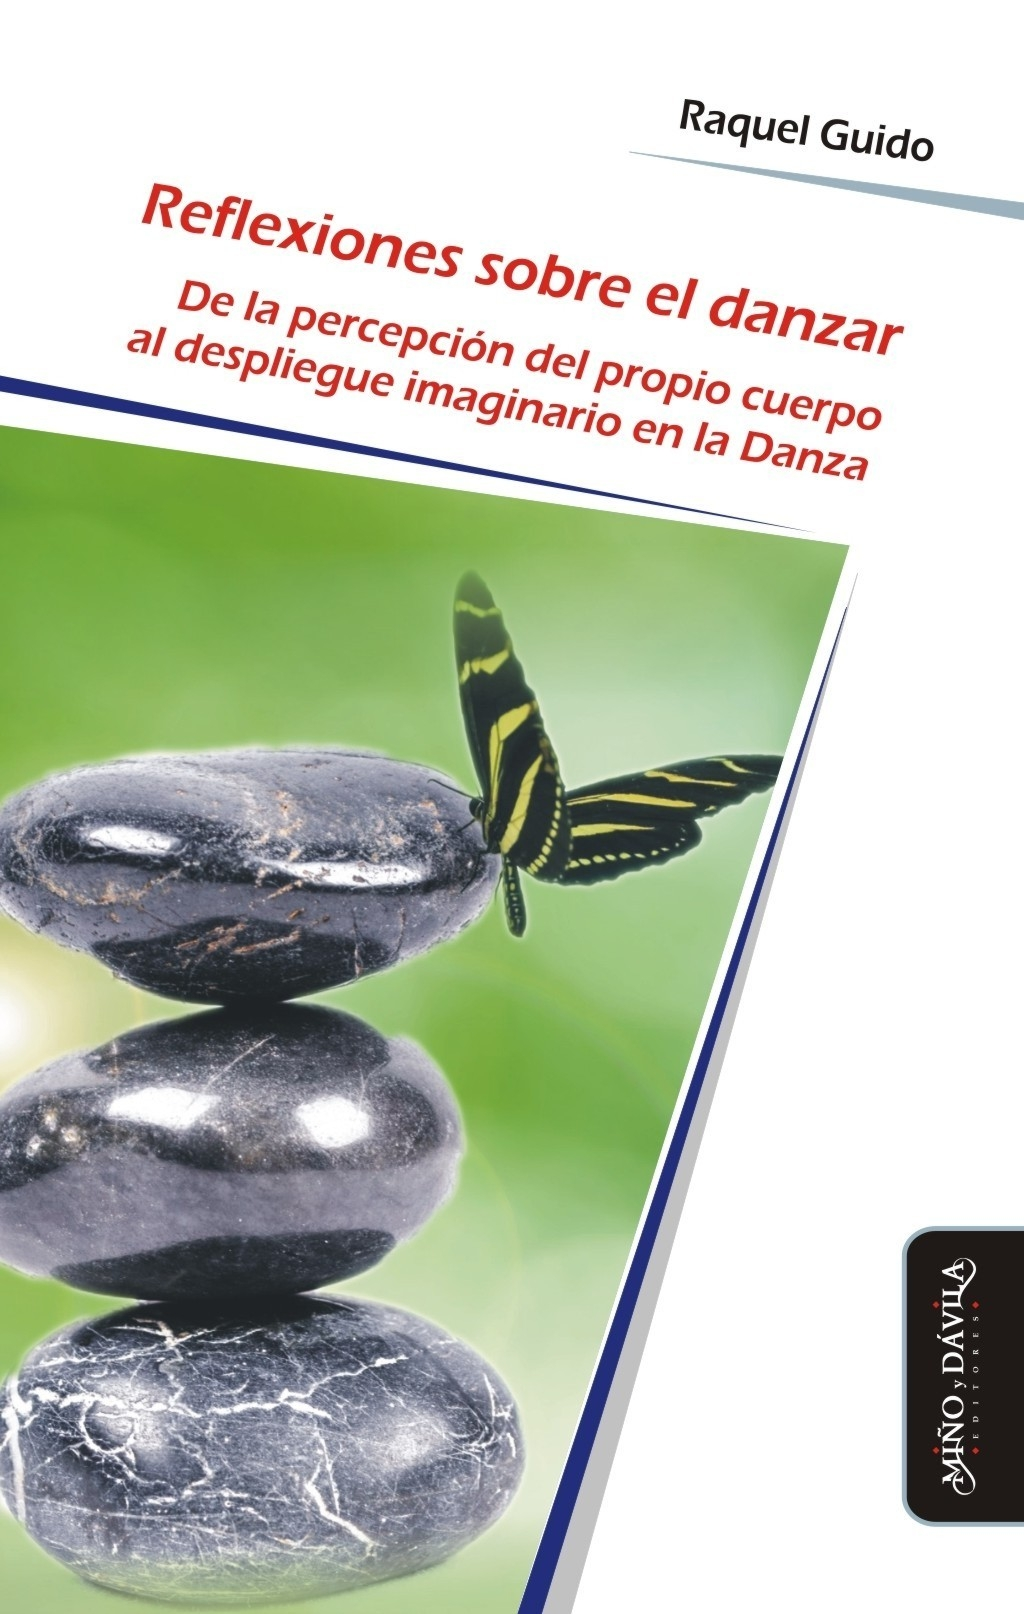 REFLEXIONES SOBRE EL DANZAR. DE LA PERCEPCIÓN DEL PROPIO CUERPO AL DESPLIEGUE IMAGINARIO EN LA DANZA